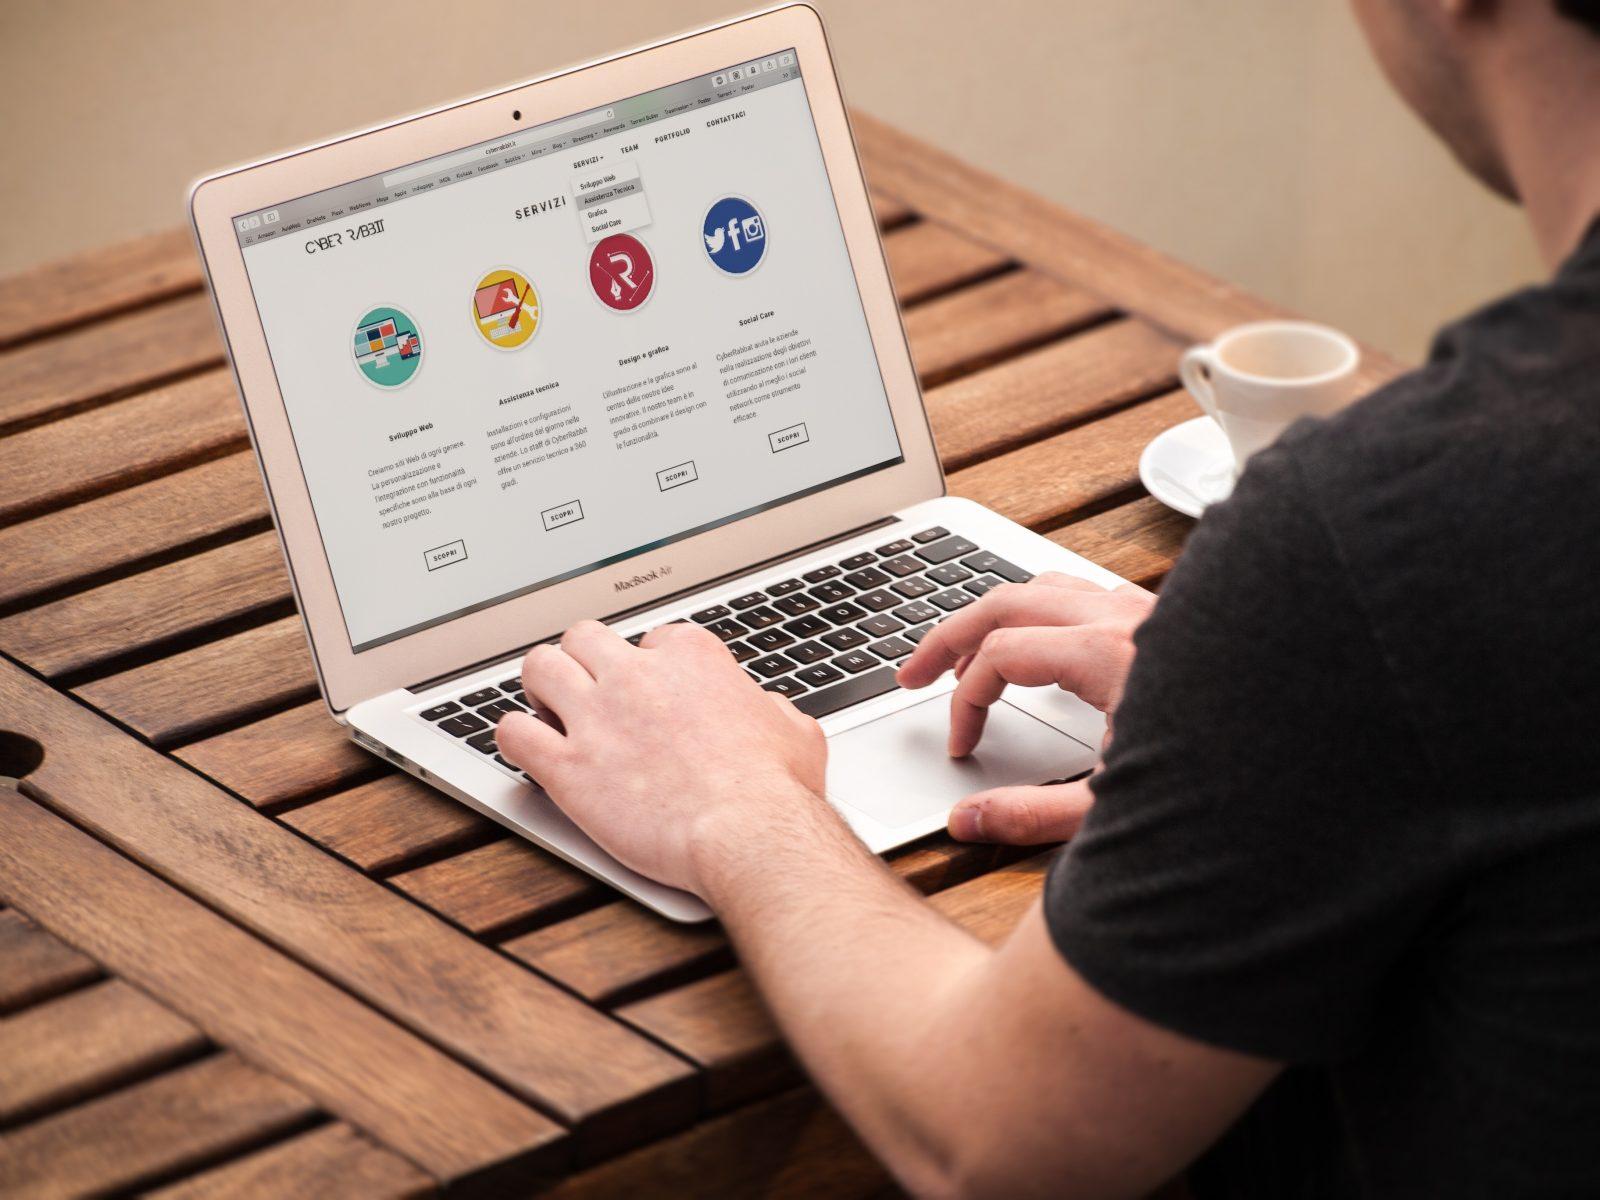 - Controlla il tuo nuovo sito web - Controlla il tuo nuovo sito web